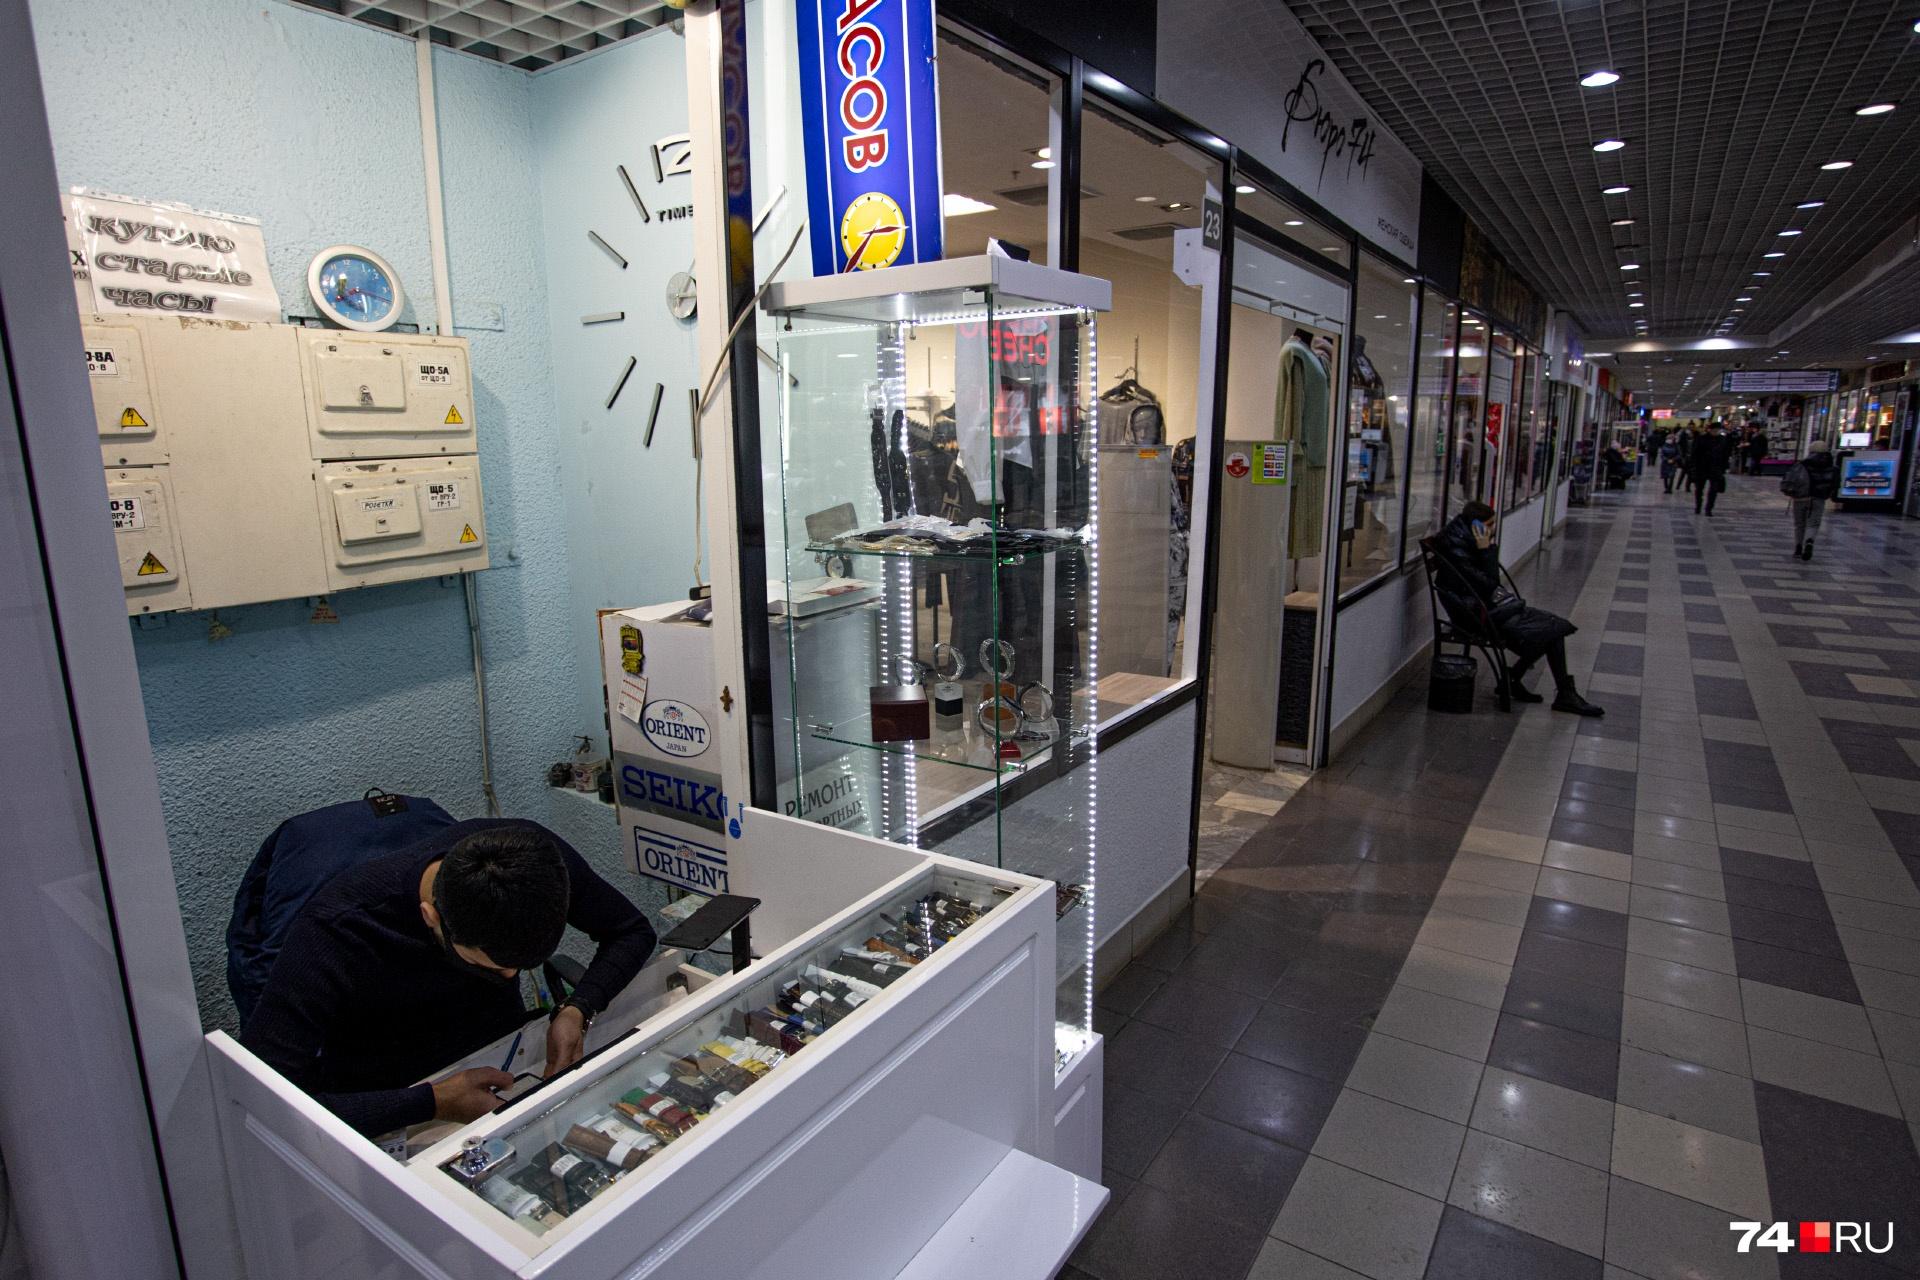 Часовой мастер пожаловался, что бывшие клиенты перешли на смарт-часы и перестали обращаться за ремонтом